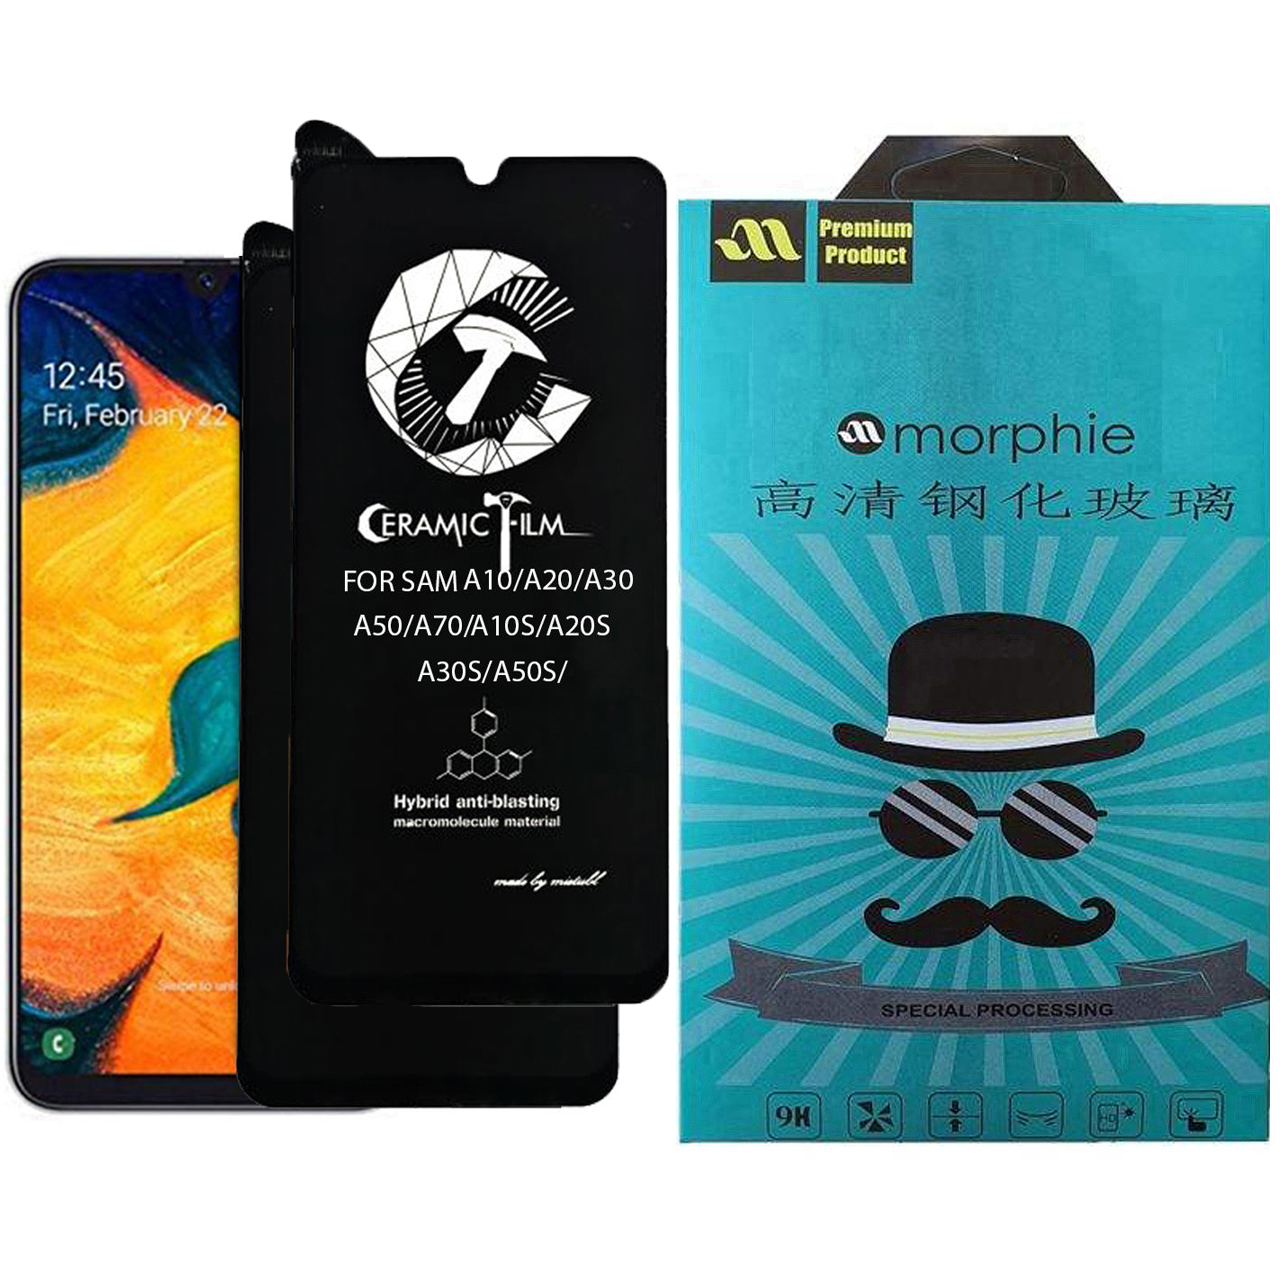 محافظ صفحه نمایش سرامیکی مورفی مدل MEIC_2 مناسب برای گوشی موبایل سامسونگ Galaxy A10 بسته 2 عددی